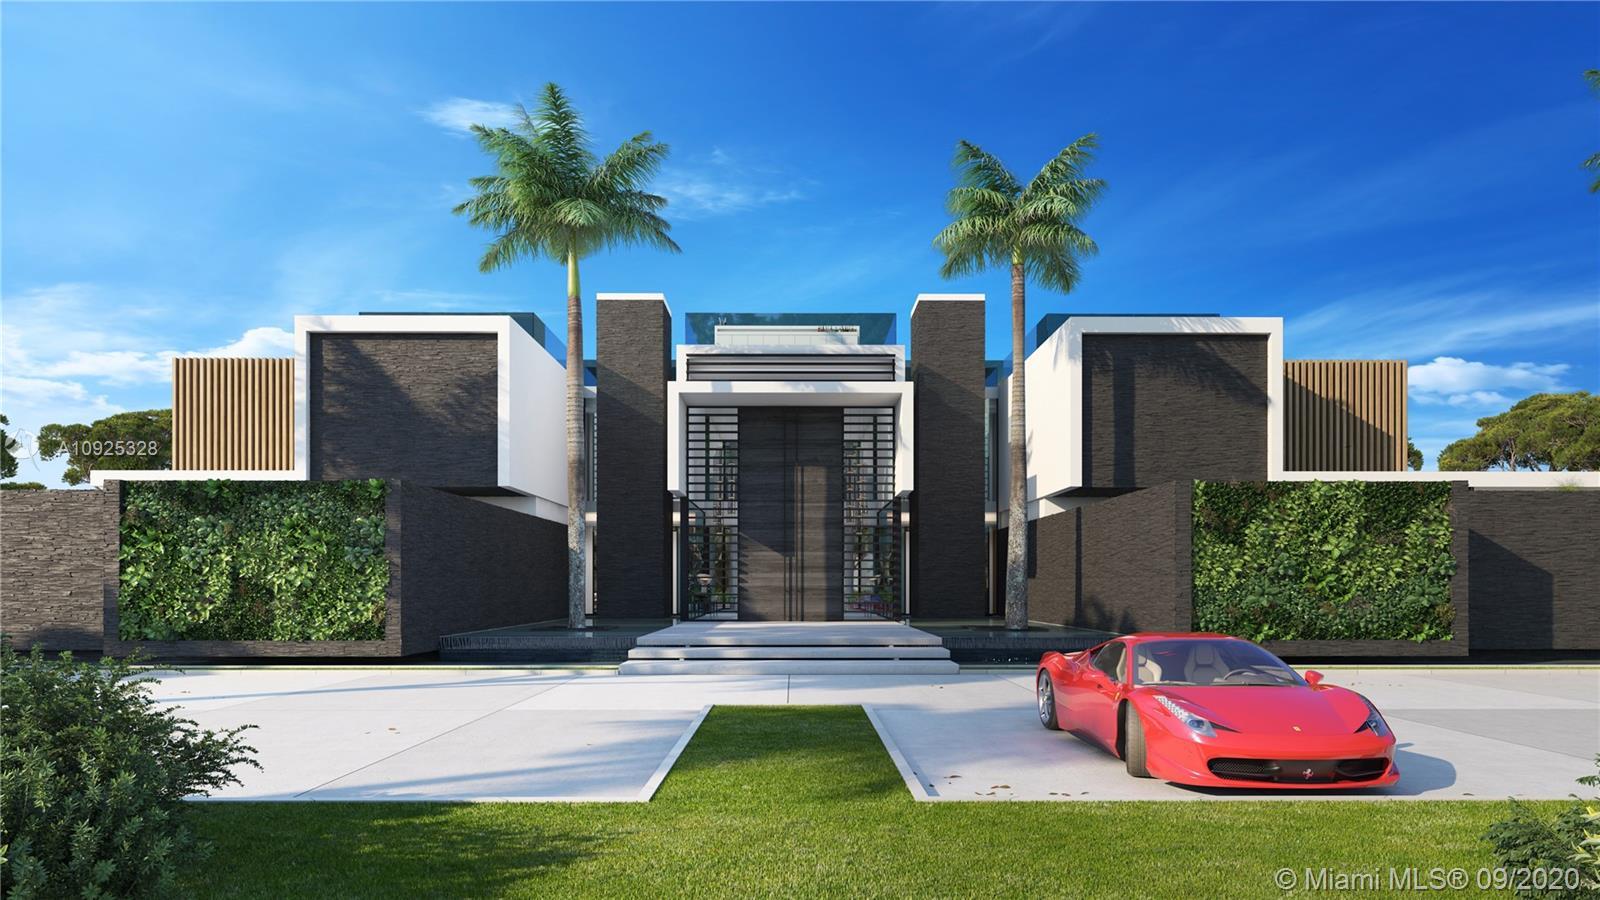 4771  Akai Drive  For Sale A10925328, FL